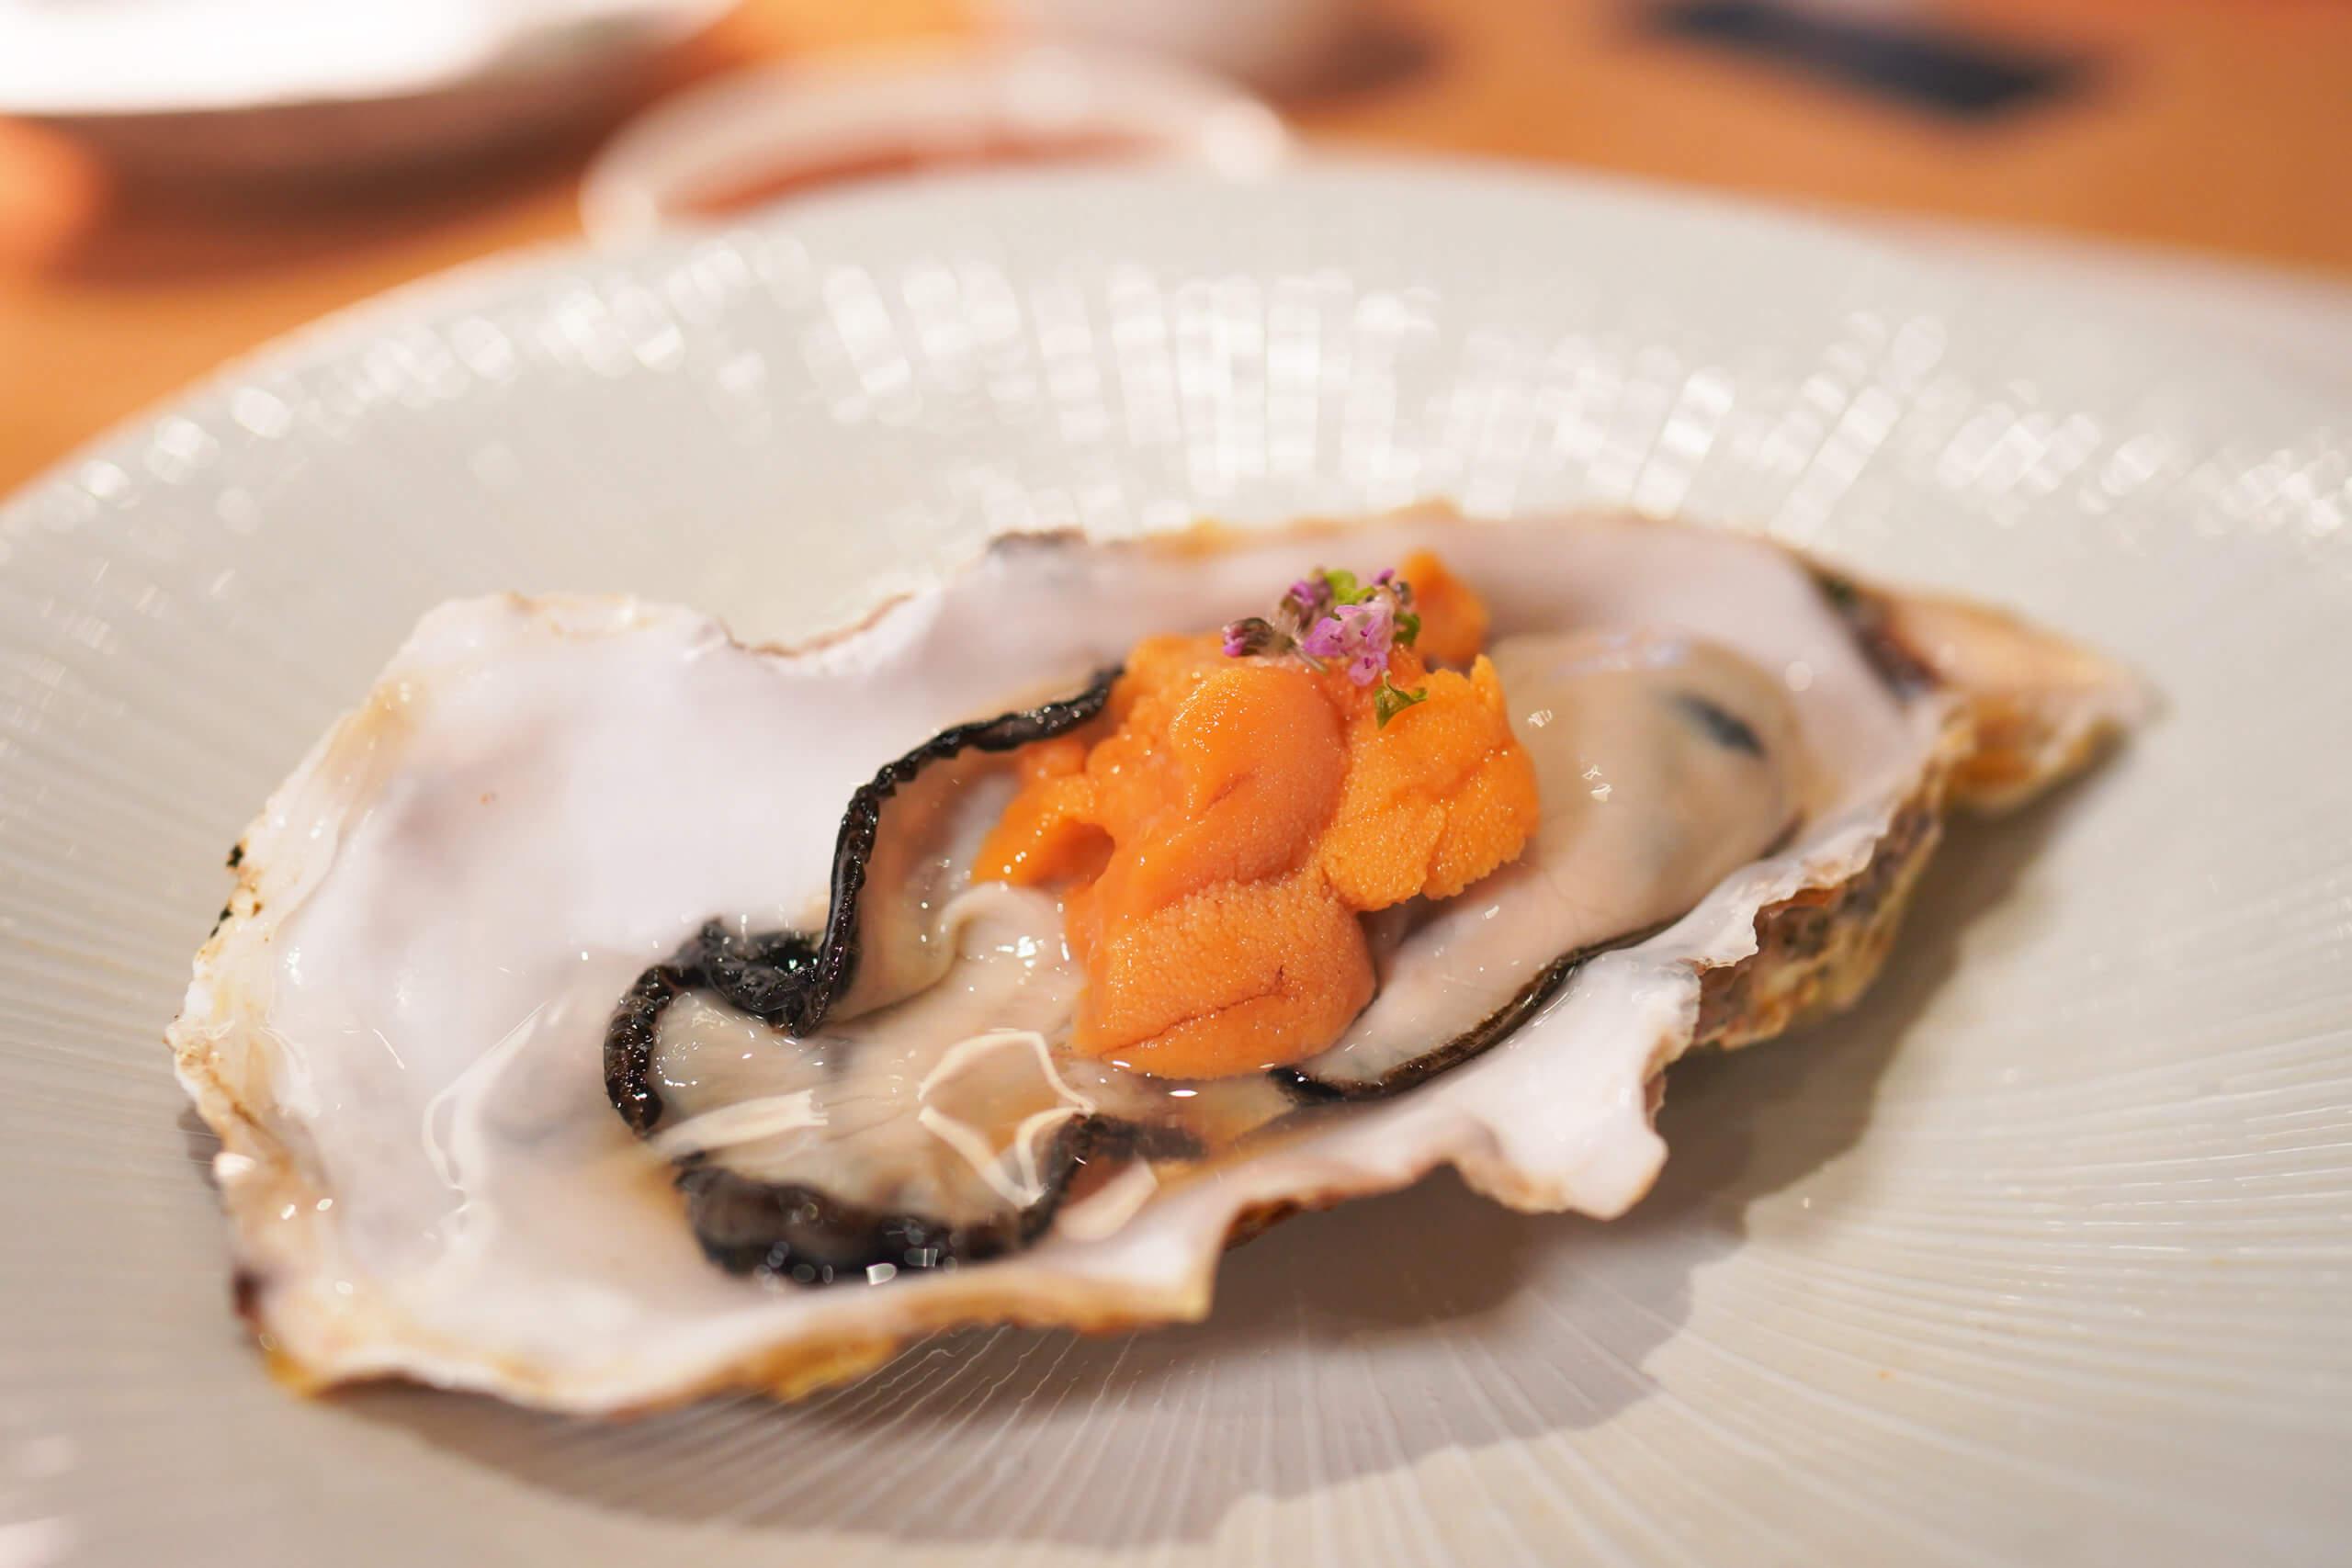 豐‧特上頭盤即是肥美嘅岩手蠔及北海道根室海膽。